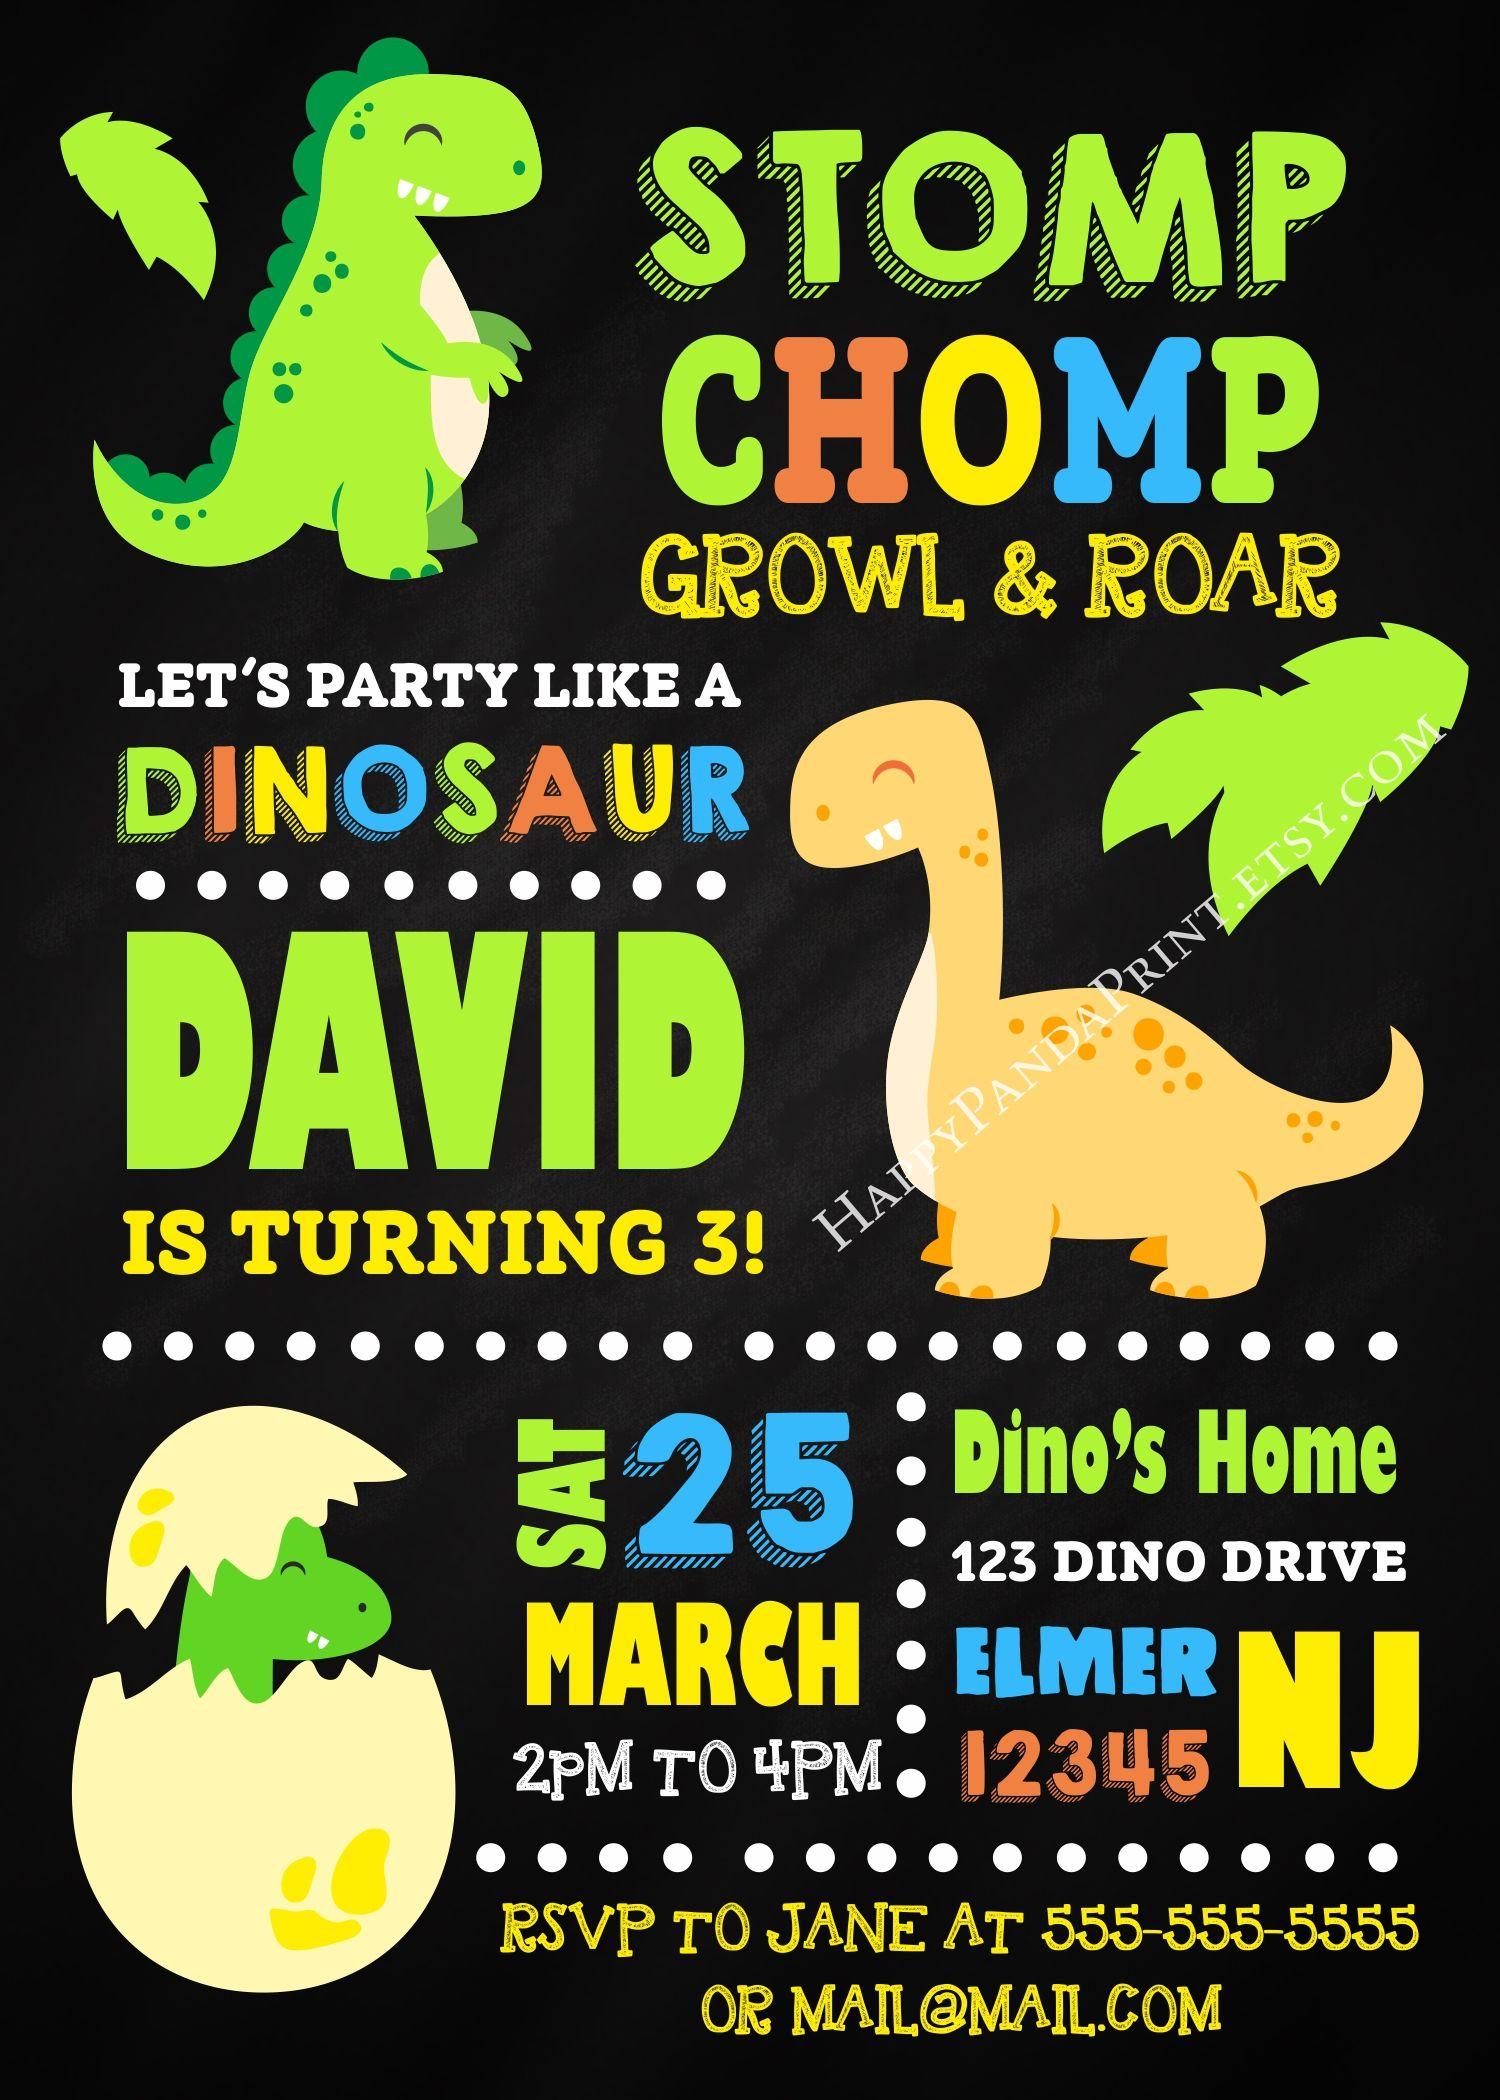 Dinosaur Invitation, Dinosaur Birthday Invitation, Dinosaur Party, Baby Dinosaur Chalkboard Invitation, Dinosaur 1st Birthday, Dinosaur Invite, Dino Invitation, Dino Invite, Dino First Birthday, Dino Birthday Party #dinosaur #dino #1stbirthday #invitations #birthday #baby #children